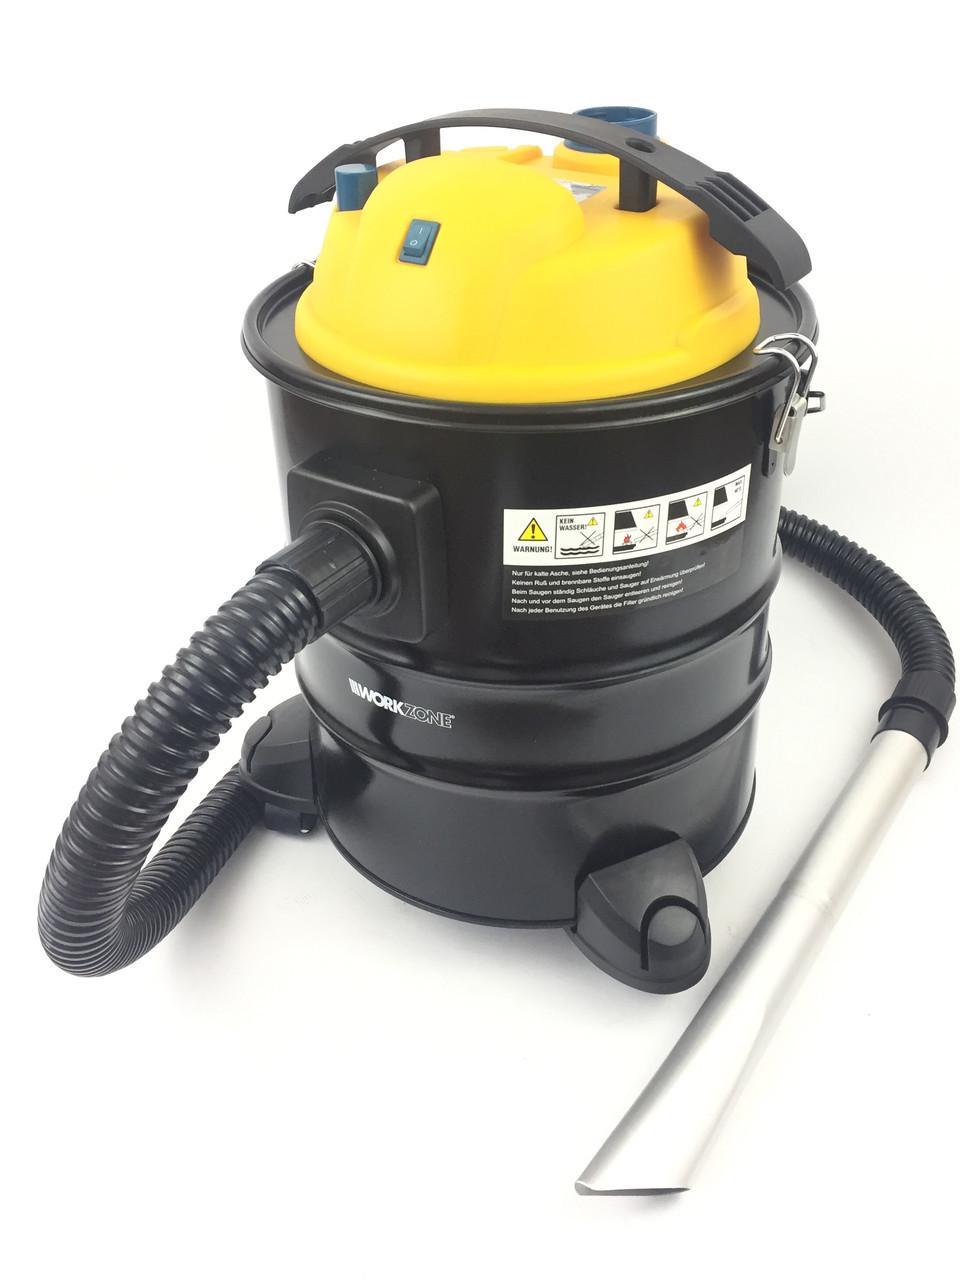 Строительный пылесос Work Zone (96678)